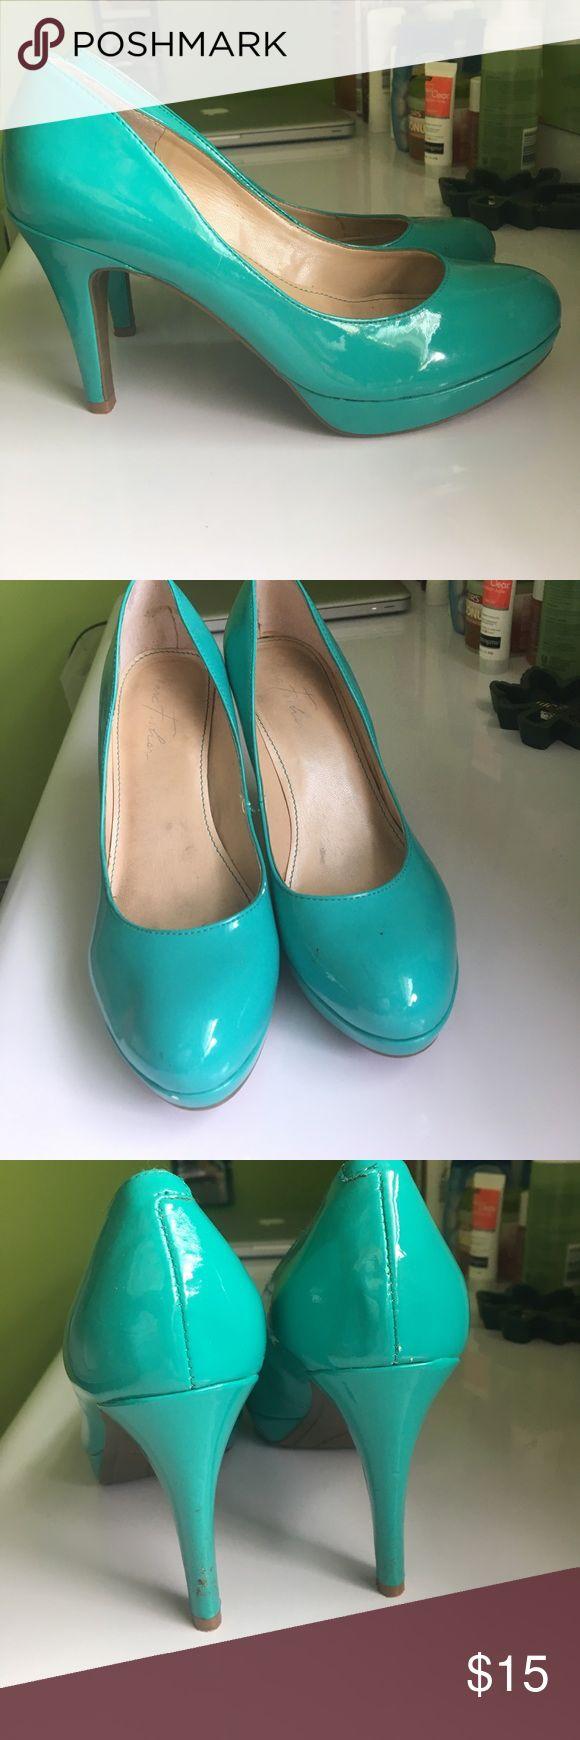 """Marc fisher teal high heel pumps Comfortable size 7; 4"""" heel Marc Fisher Shoes Heels"""